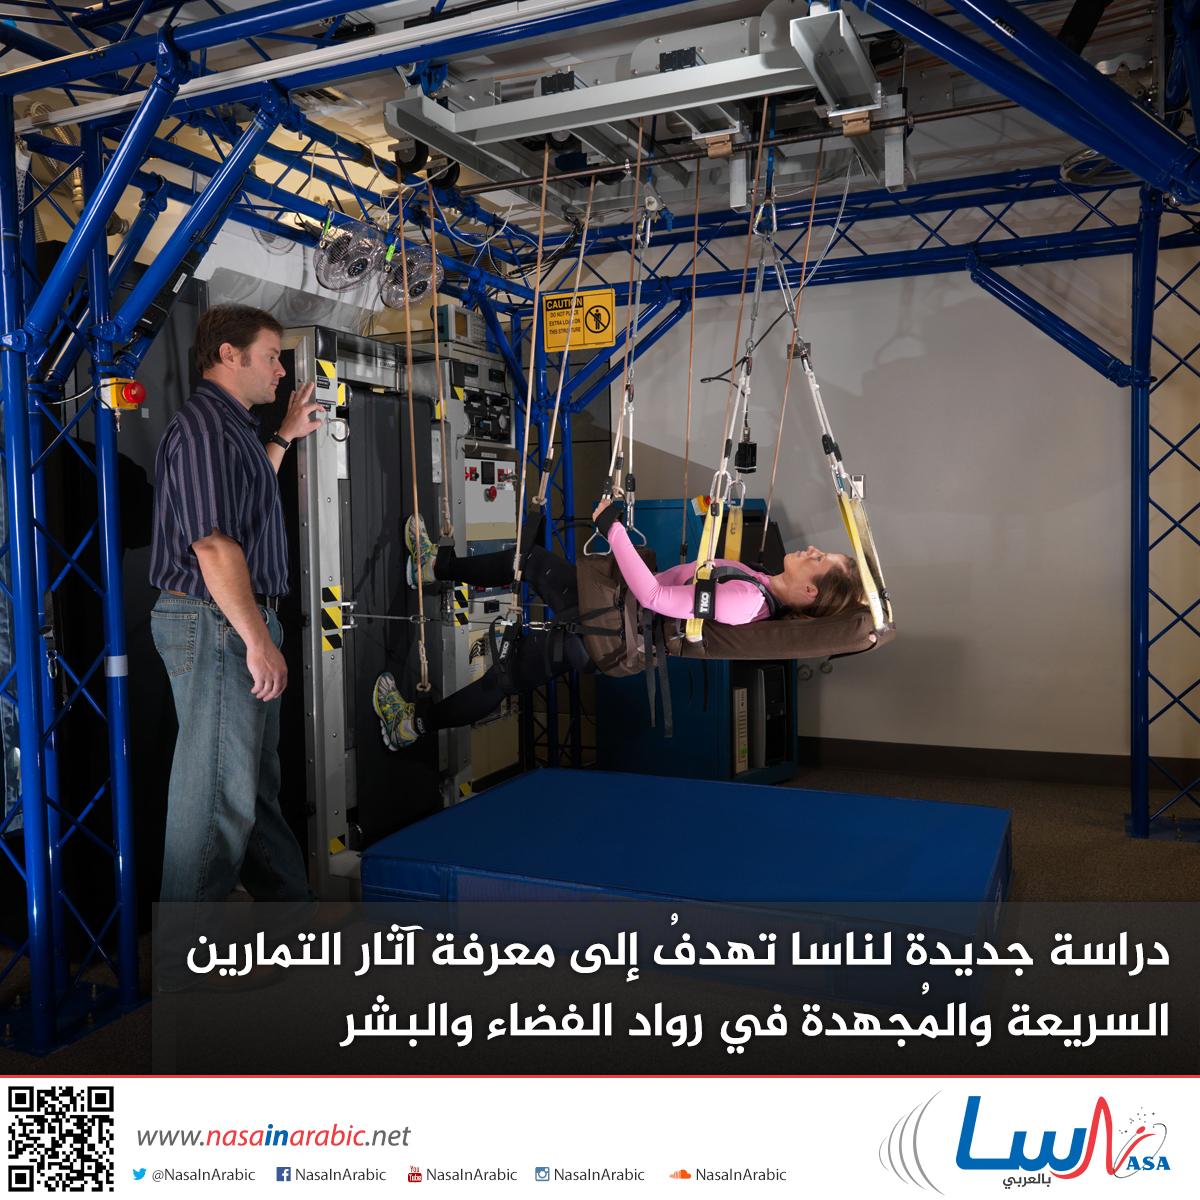 دراسة جديدة لناسا تهدفُ إلى معرفة آثار التمارين السريعة والمُجهدة في رواد الفضاء والبشر